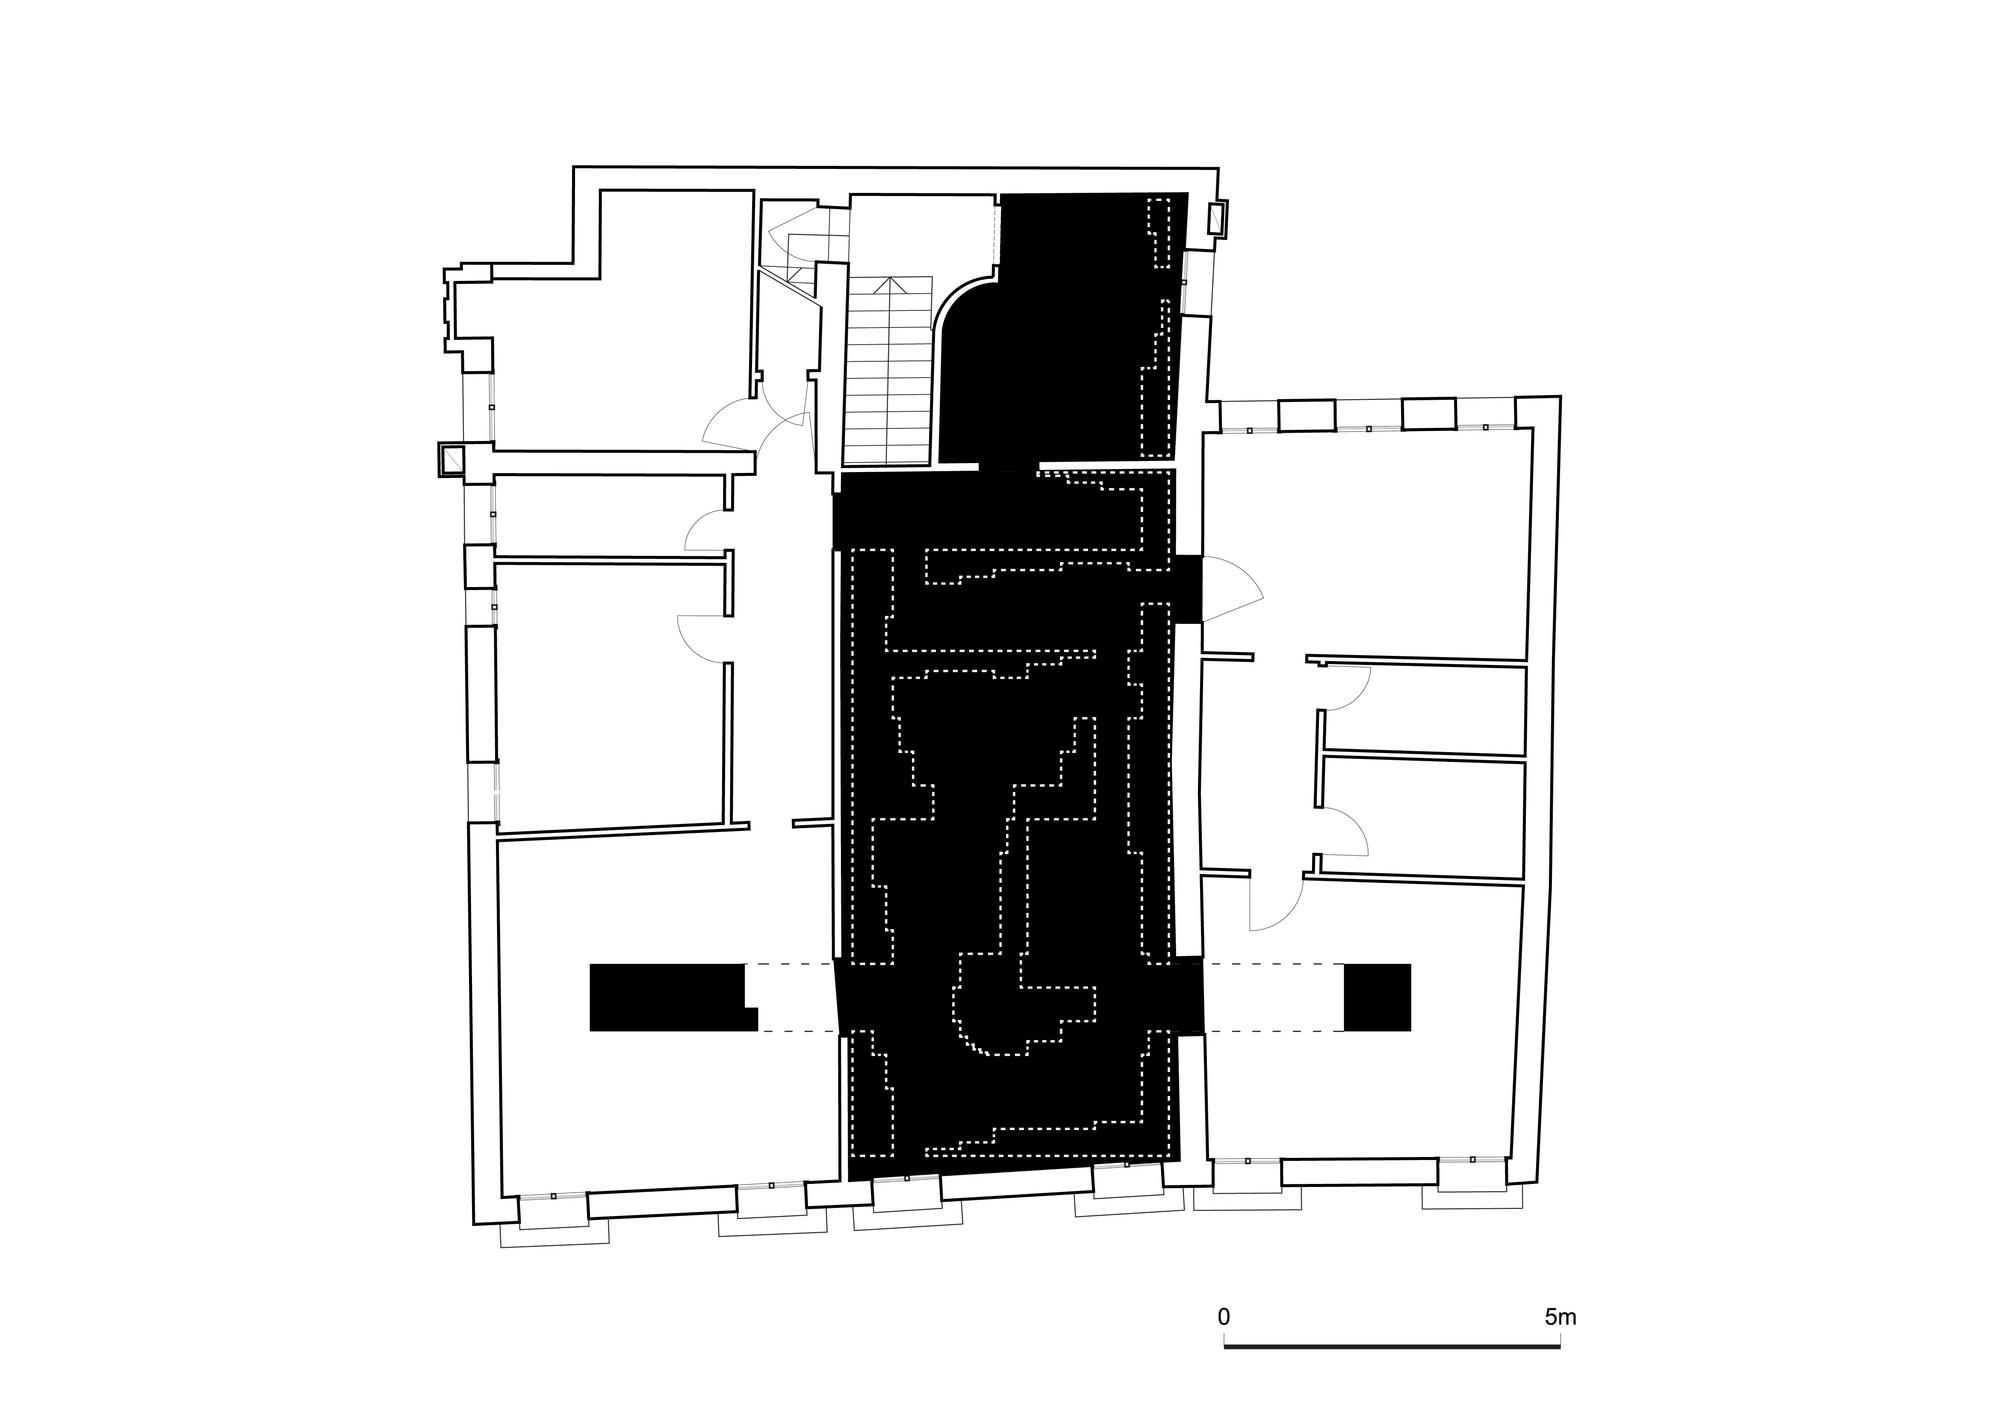 Distribución interior del Pabellón. Imágen © Michael Hadjistyllis, Stefanos Roimpas / Anatomía histórica mediante un collage (2014)